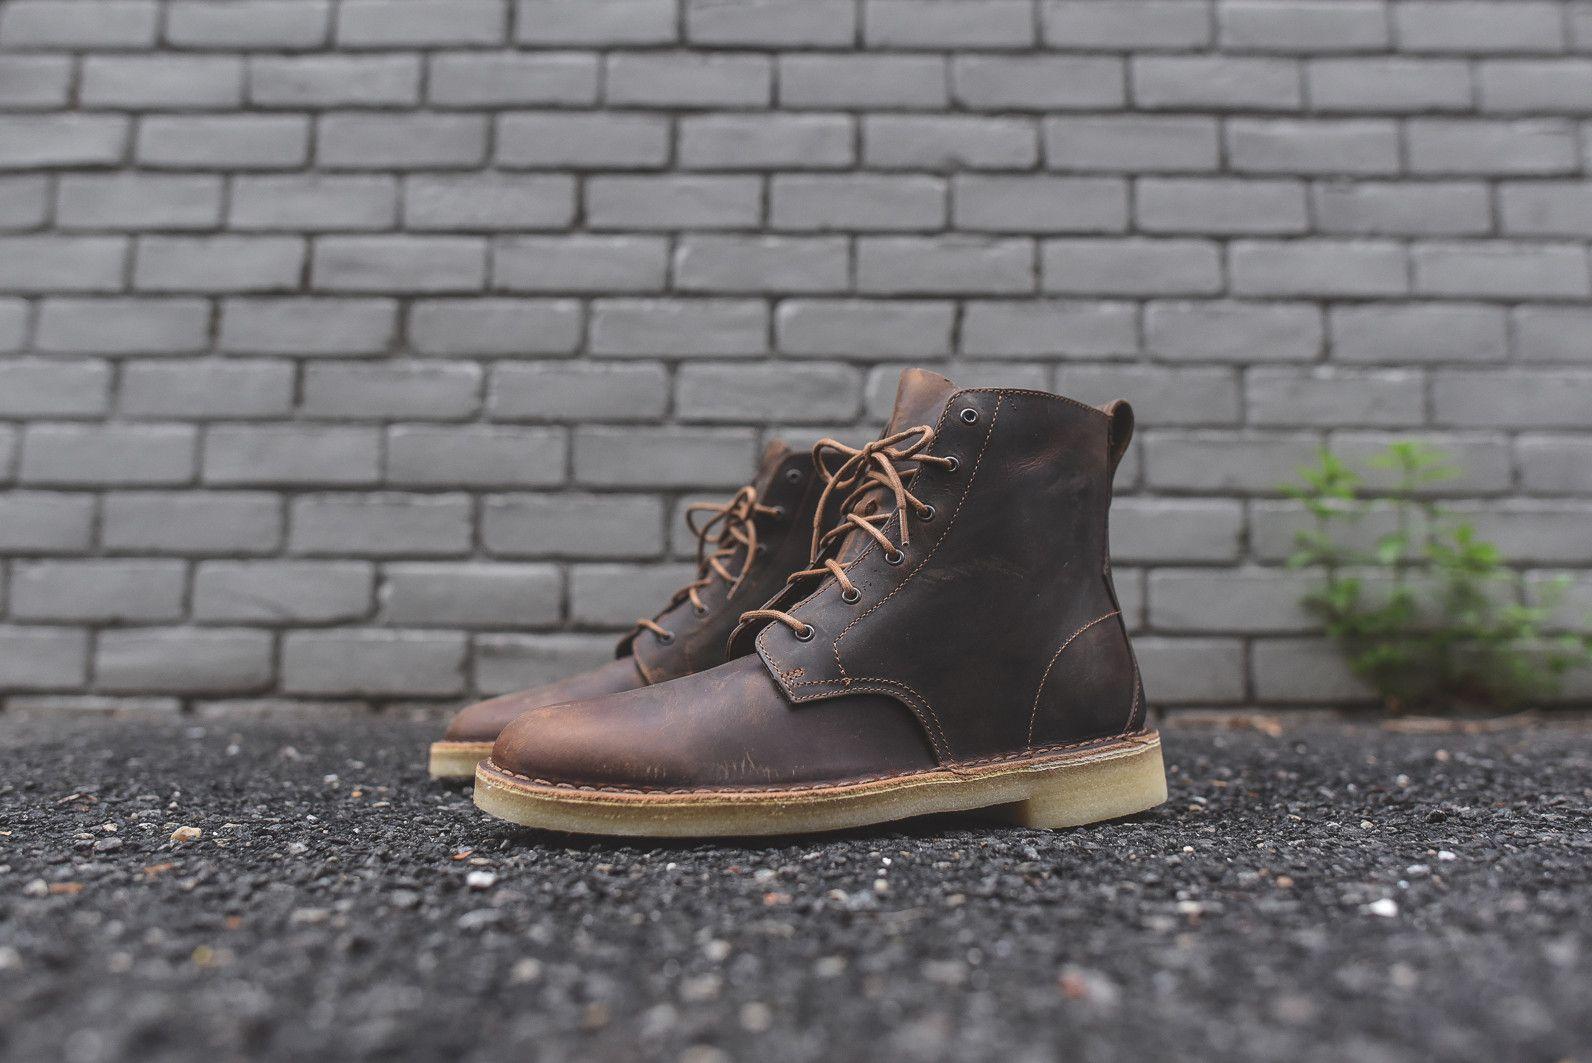 Clarks Desert Mali Boot Beeswax Boots Gentleman Shoes Boots Men